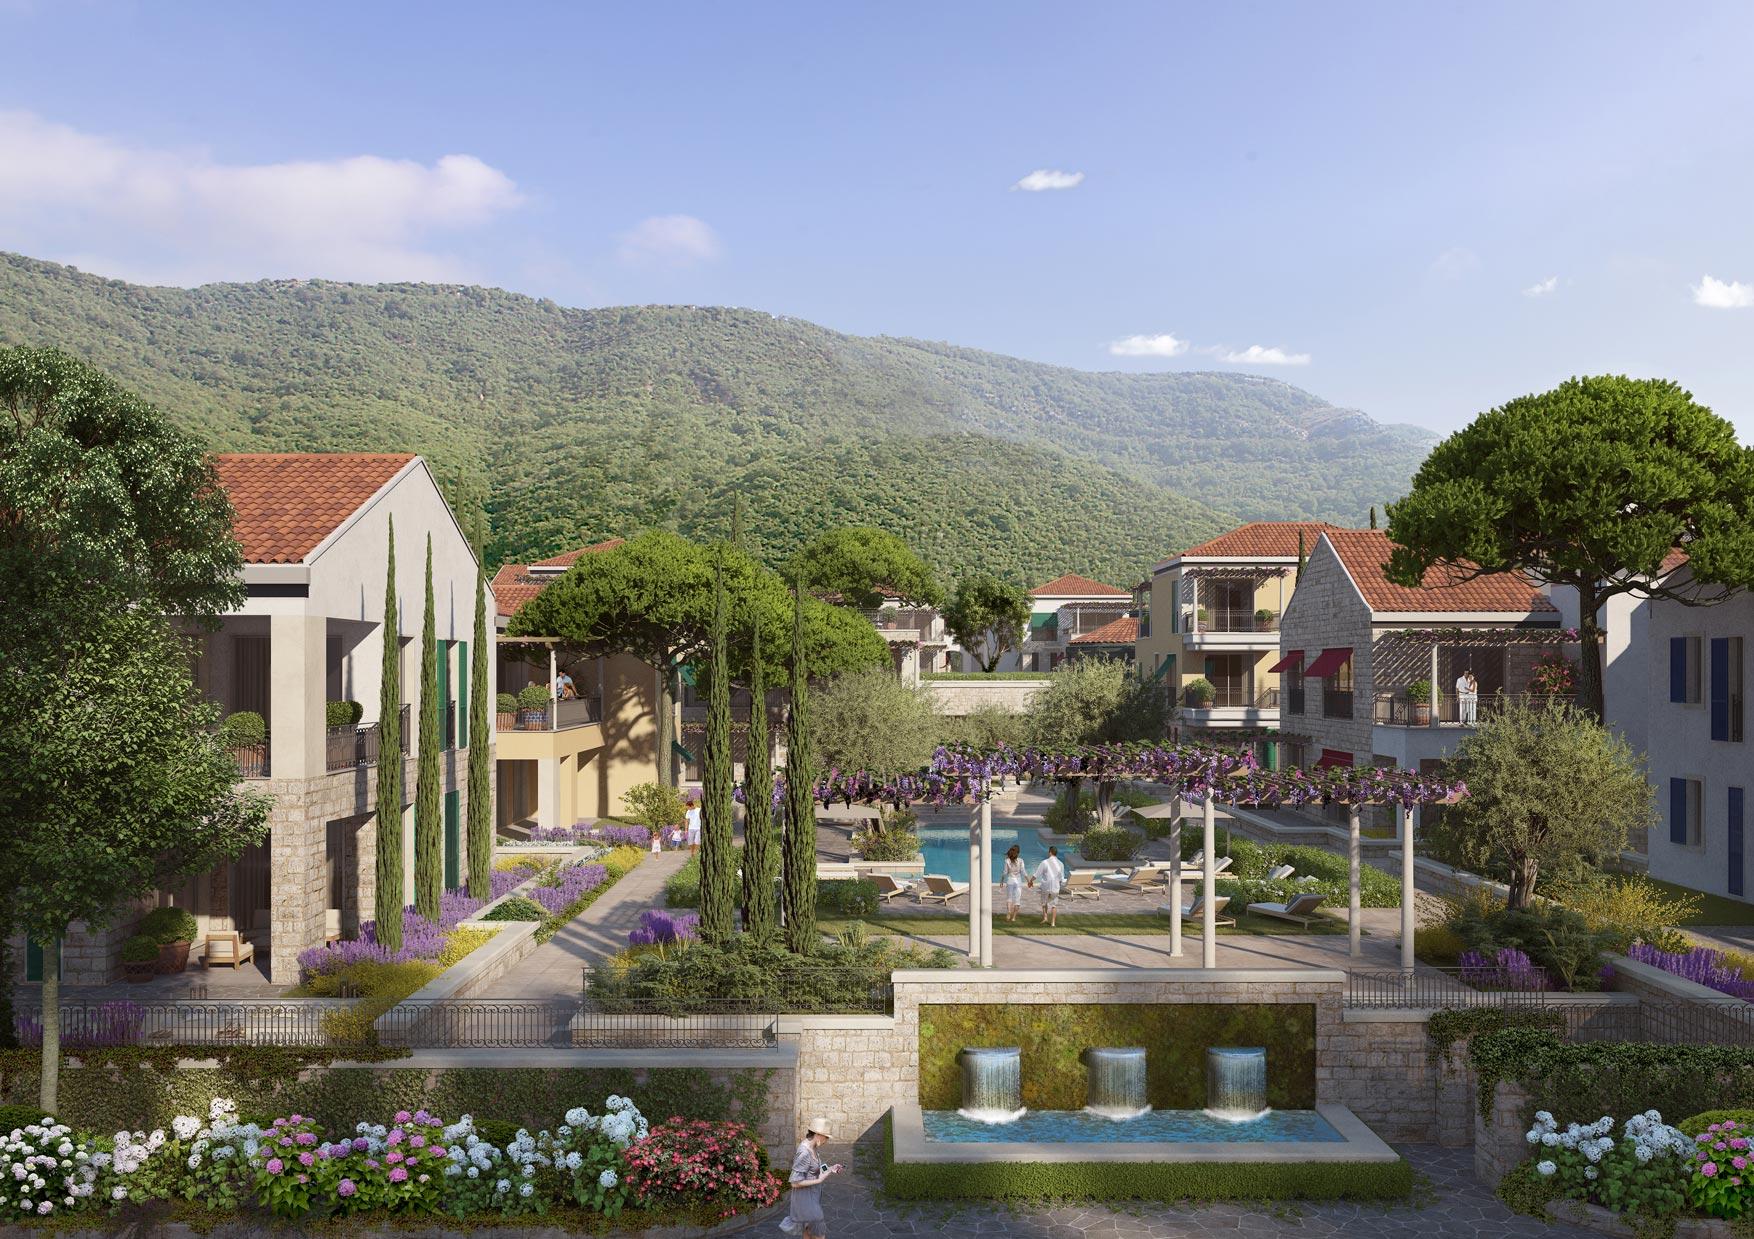 Elite-resort-with-luxury-apartments-in-Herceg-Novi (16).jpg